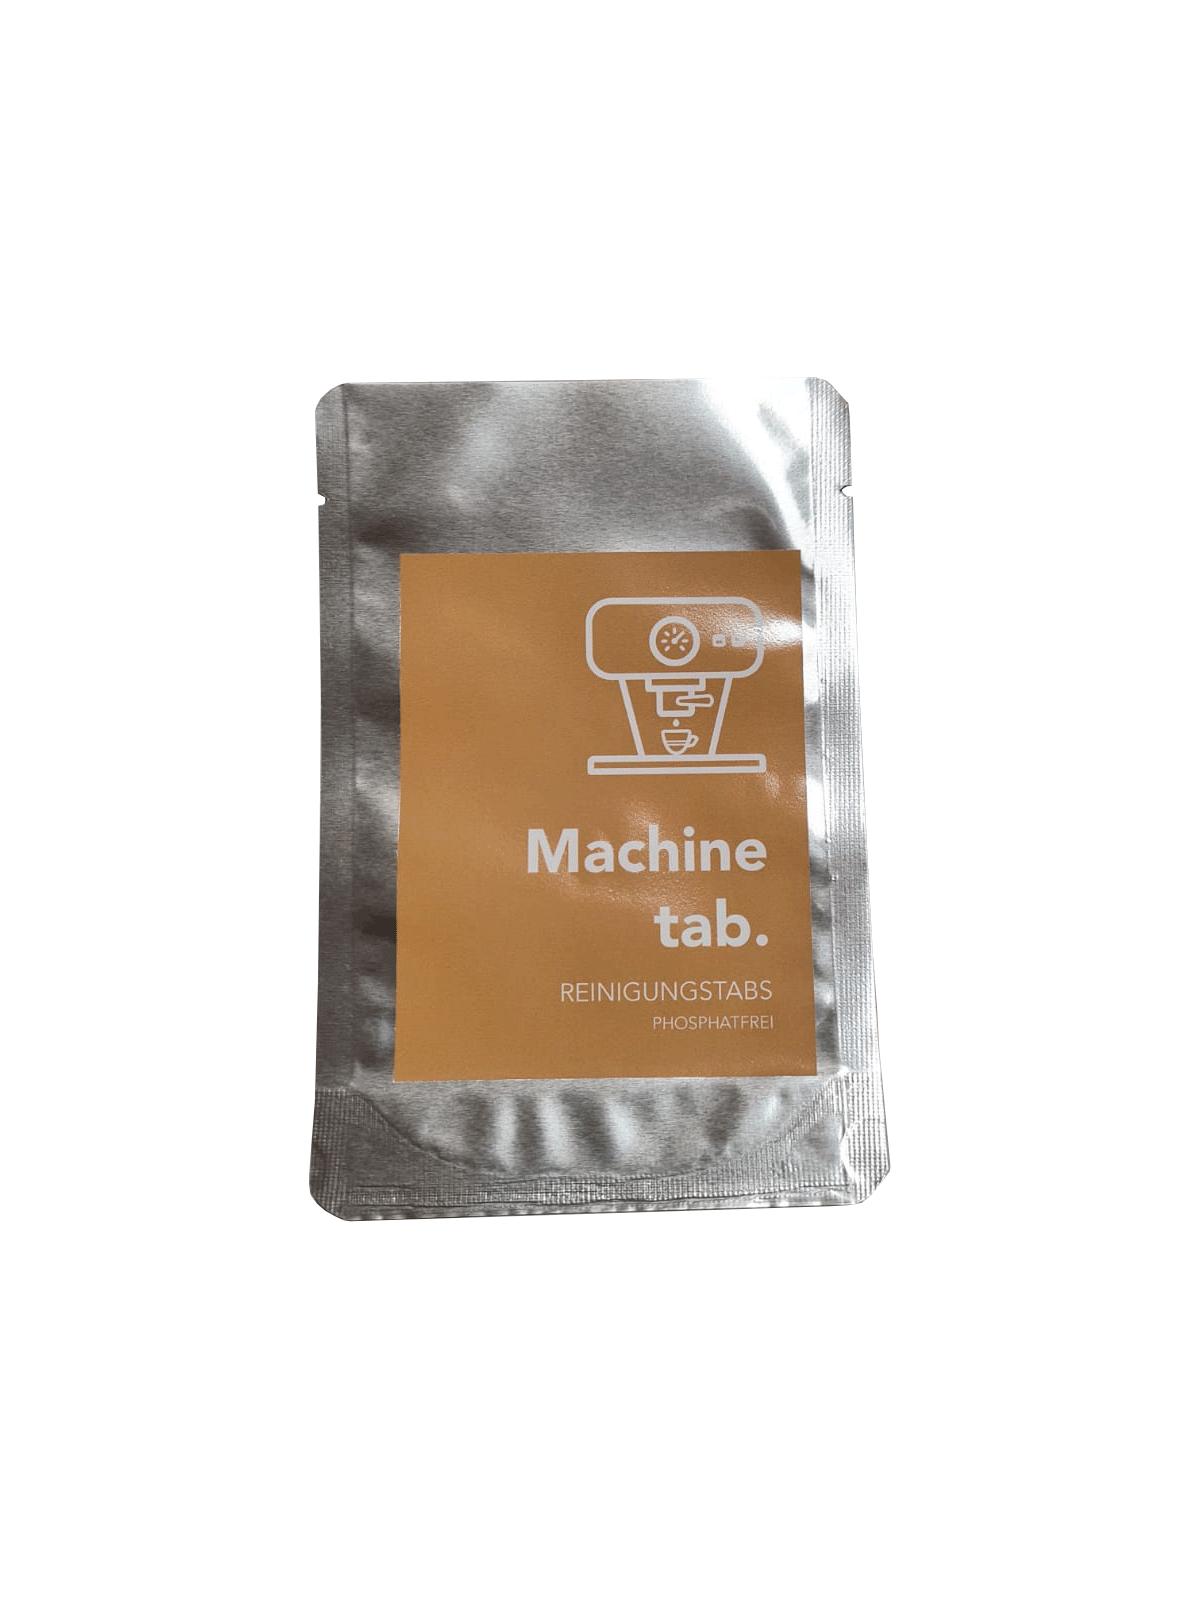 Machine Tab - Reinigungstabs phosphatfrei